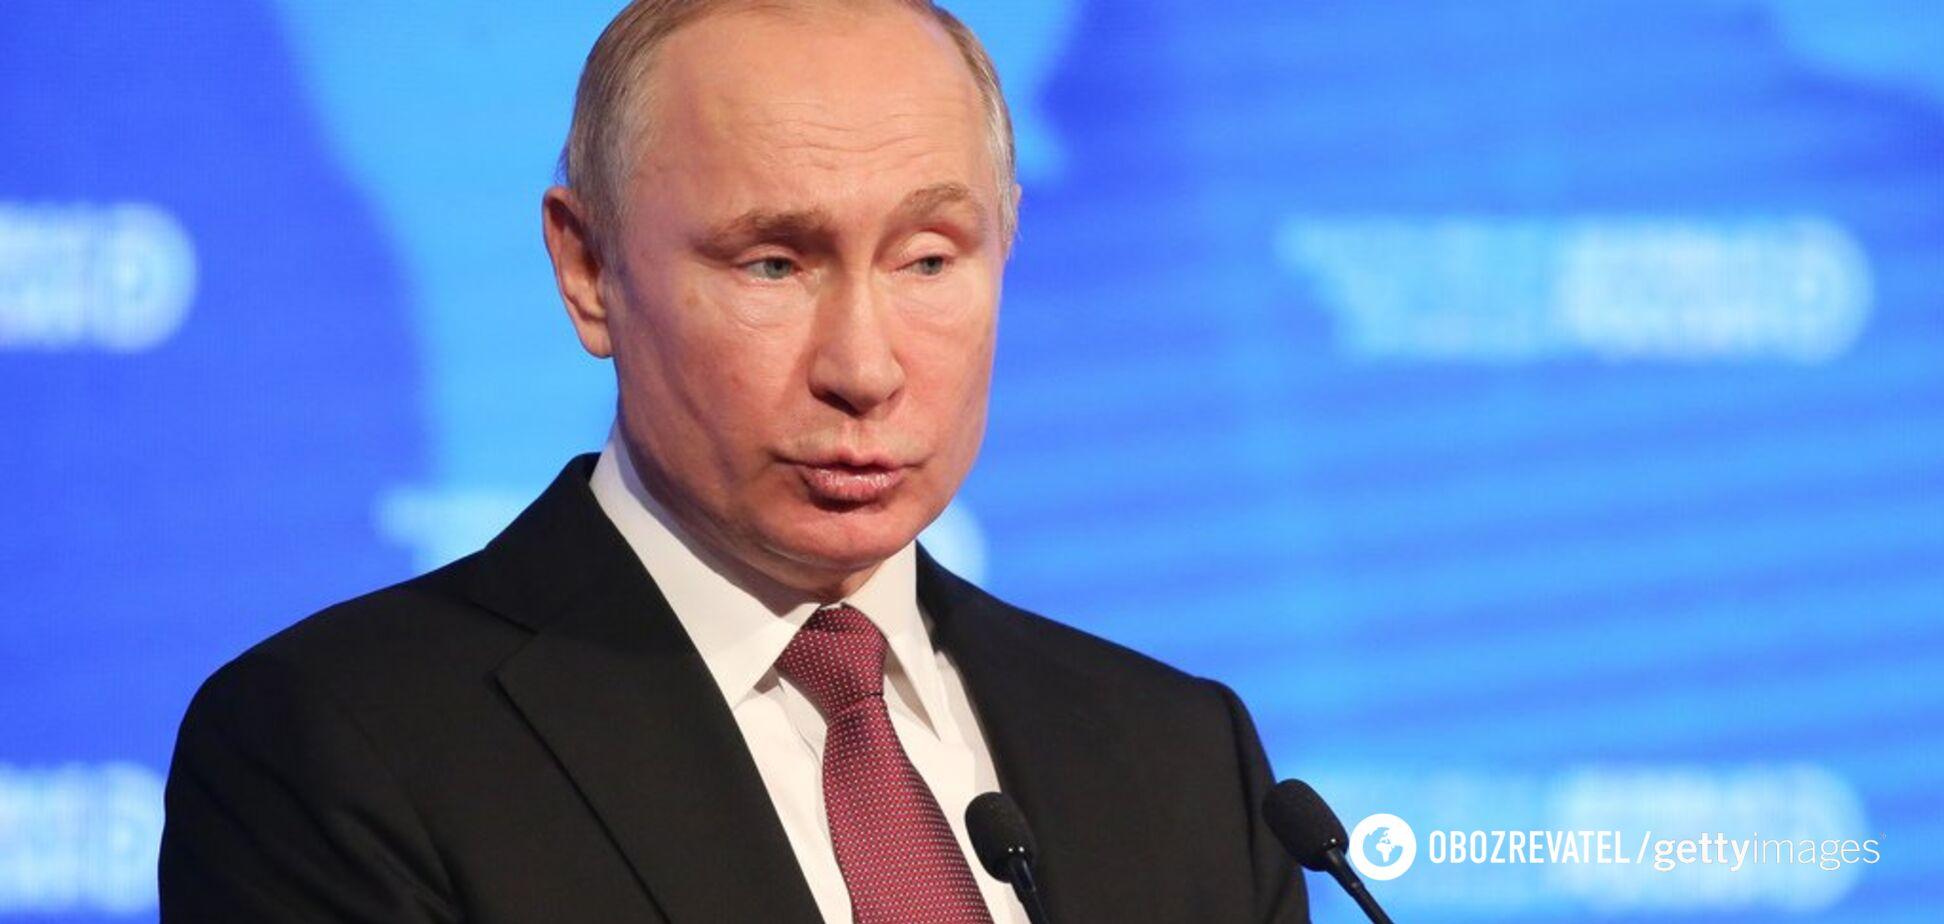 ''Долетит до Москвы за 10 минут'': Путин заявил о новой угрозе со стороны США